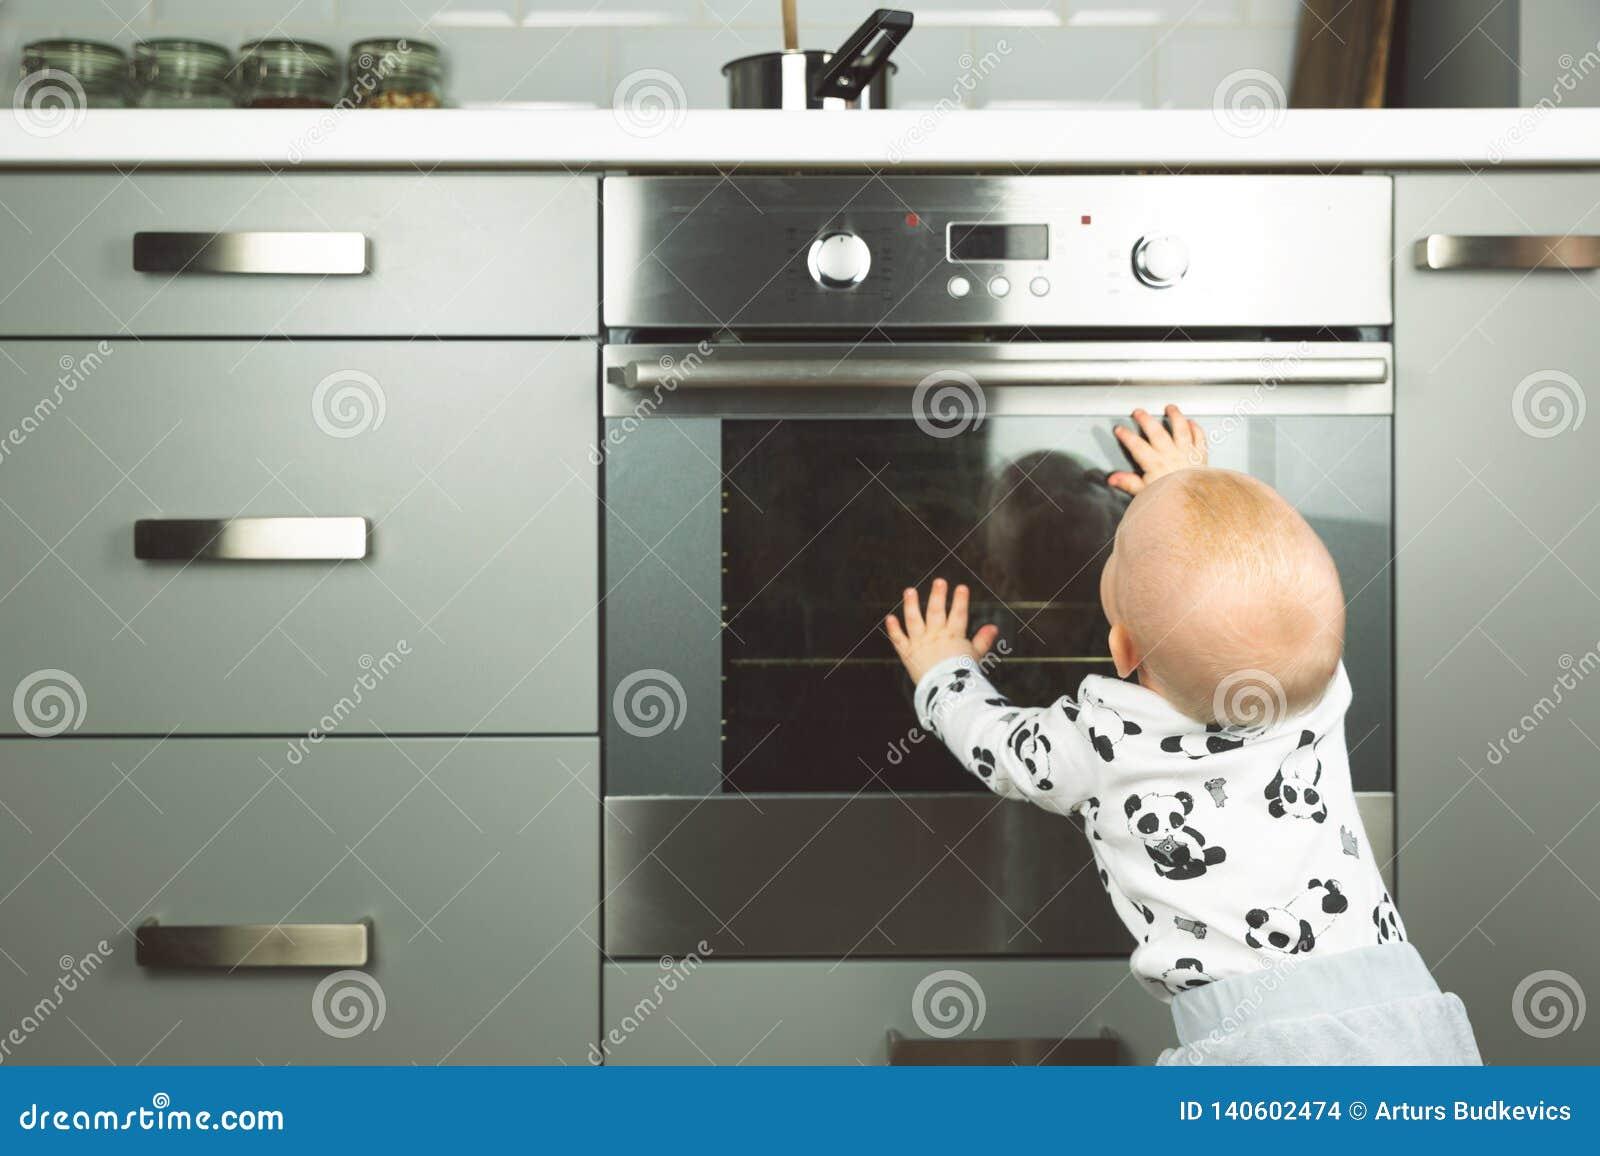 Weinig kind die met elektrisch fornuis in de keuken spelen Babyveiligheid in keuken